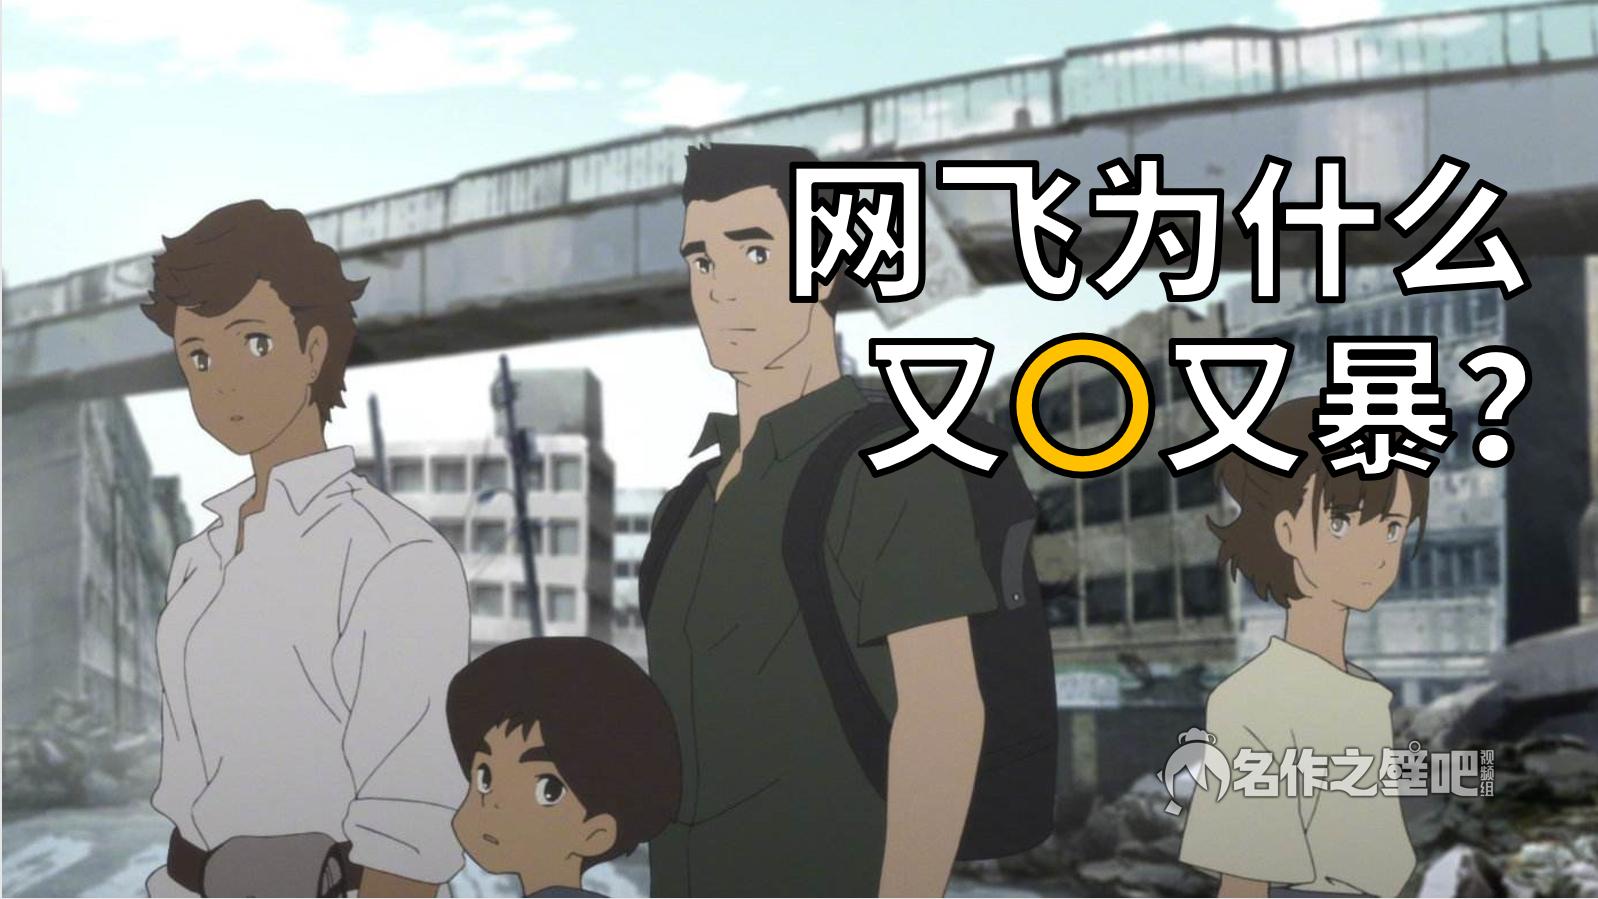 网飞懂个锤子日本动画,多部动画剧情都被翻车了 【壁家讲坛】